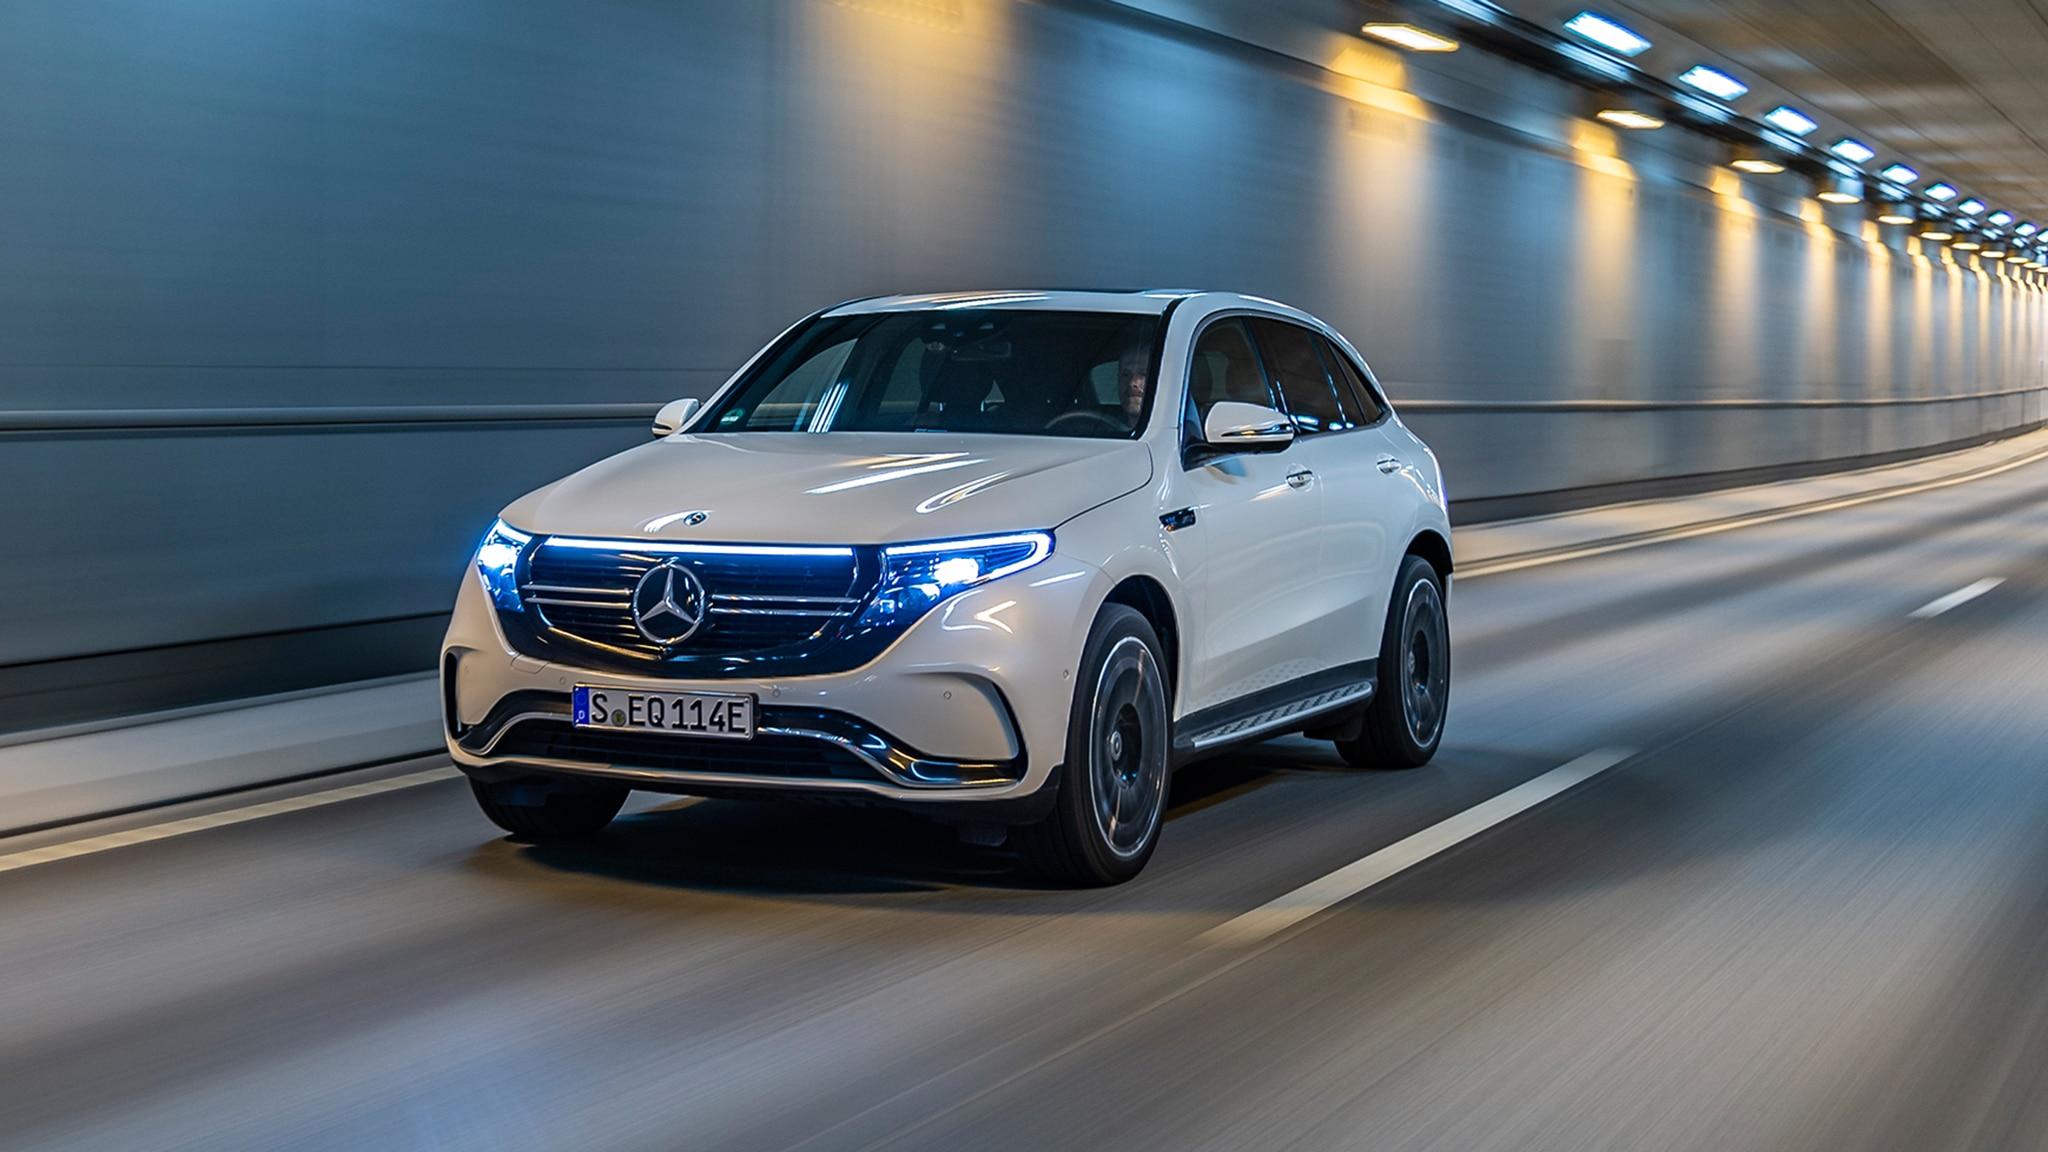 2020 Mercedes Benz EQC